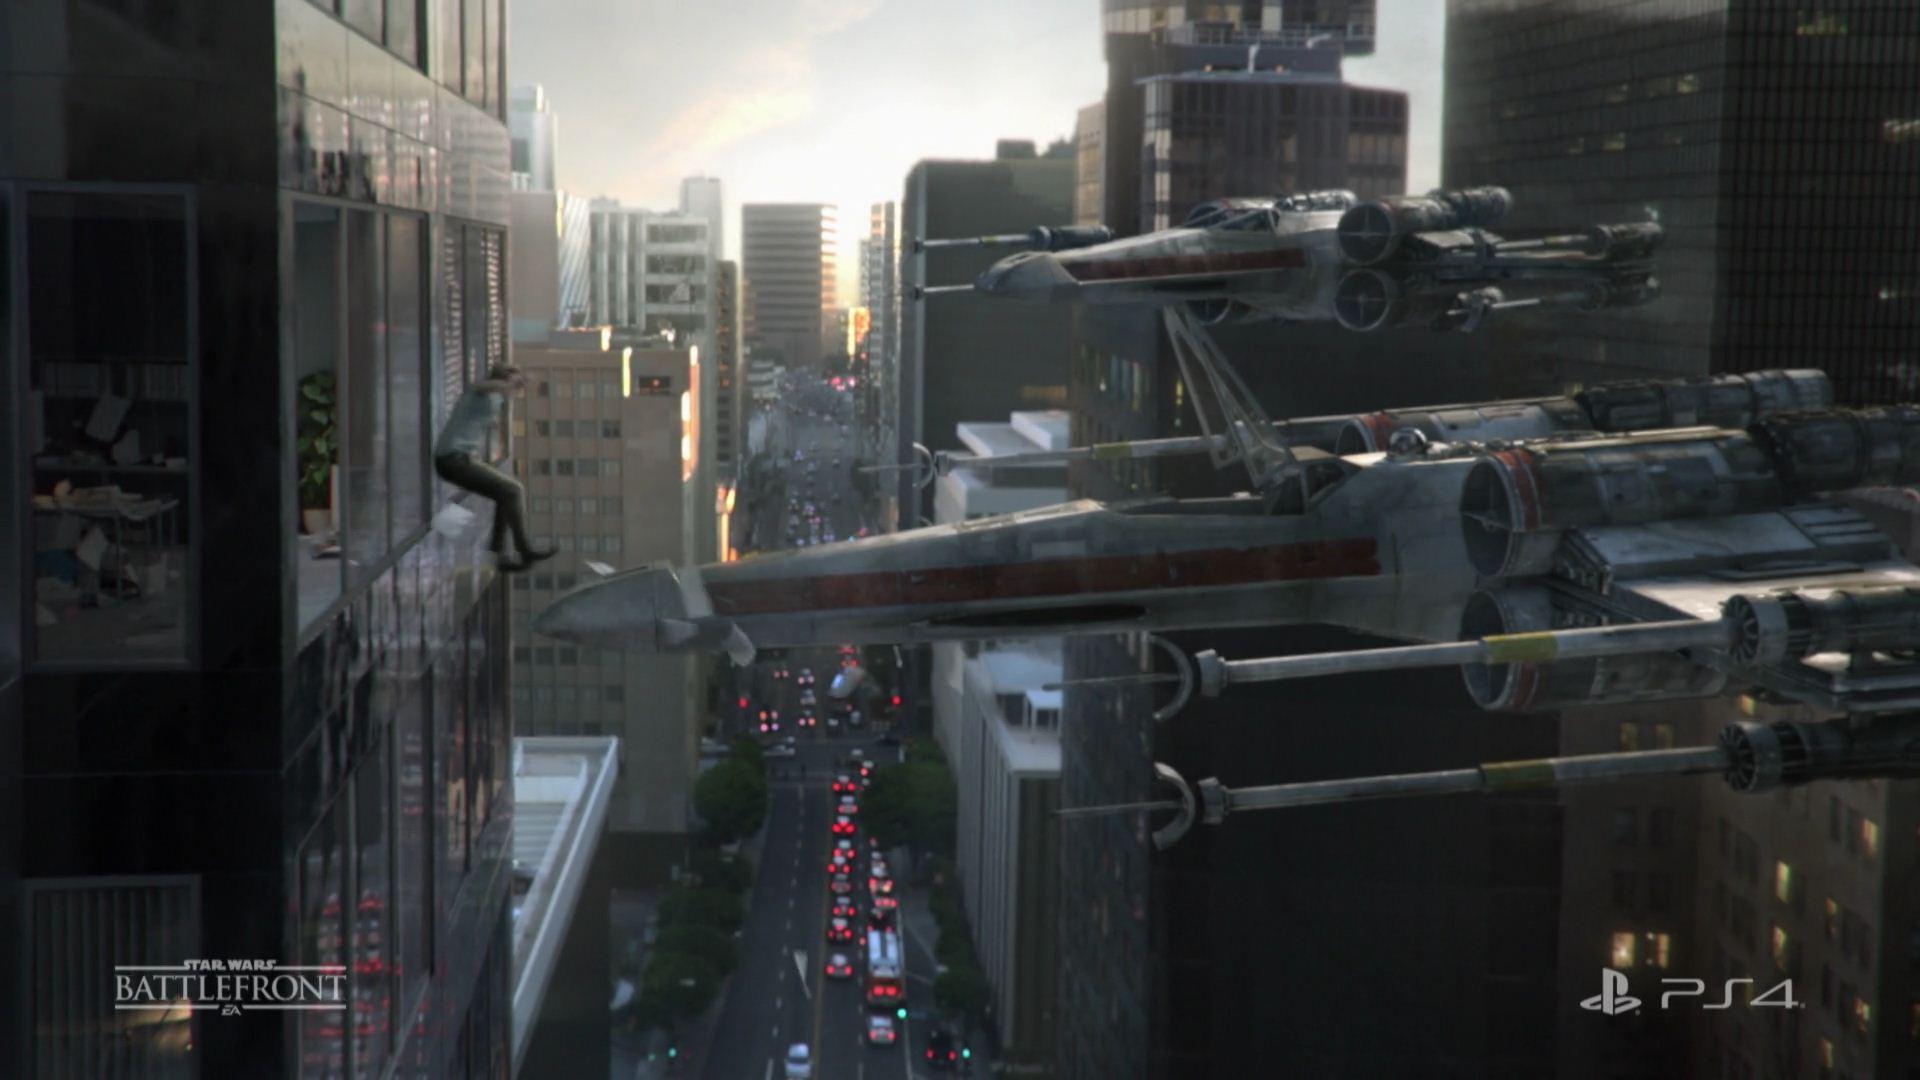 """PS4 CM 「ついに行けるぞ、あの世界。 """"Star Wars バトルフロント""""」 篇"""